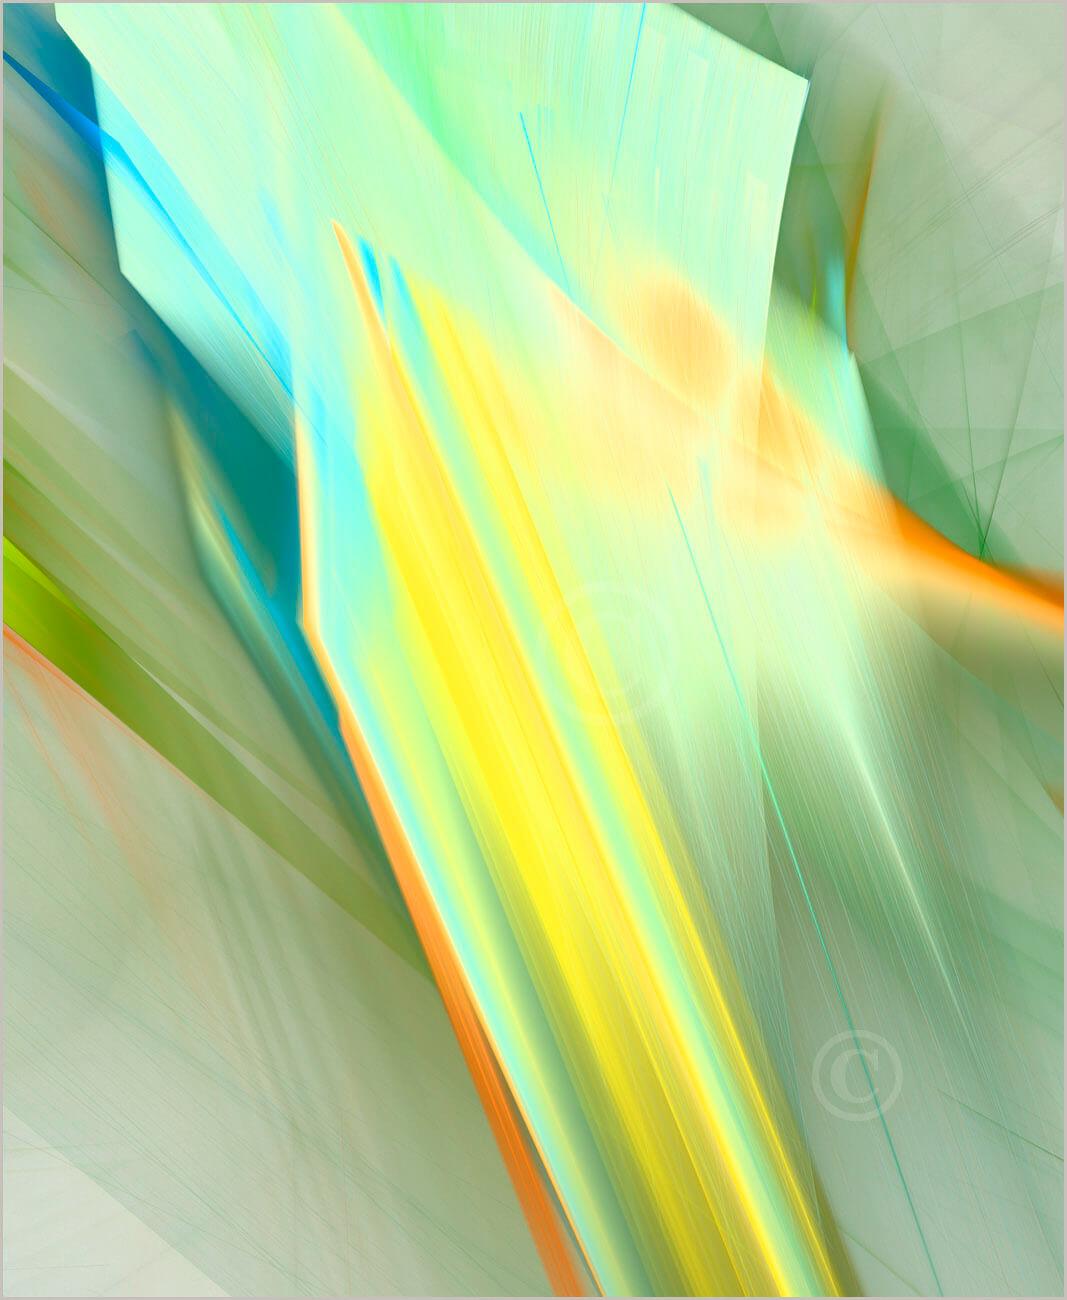 Colorshapes_F2_2962_M